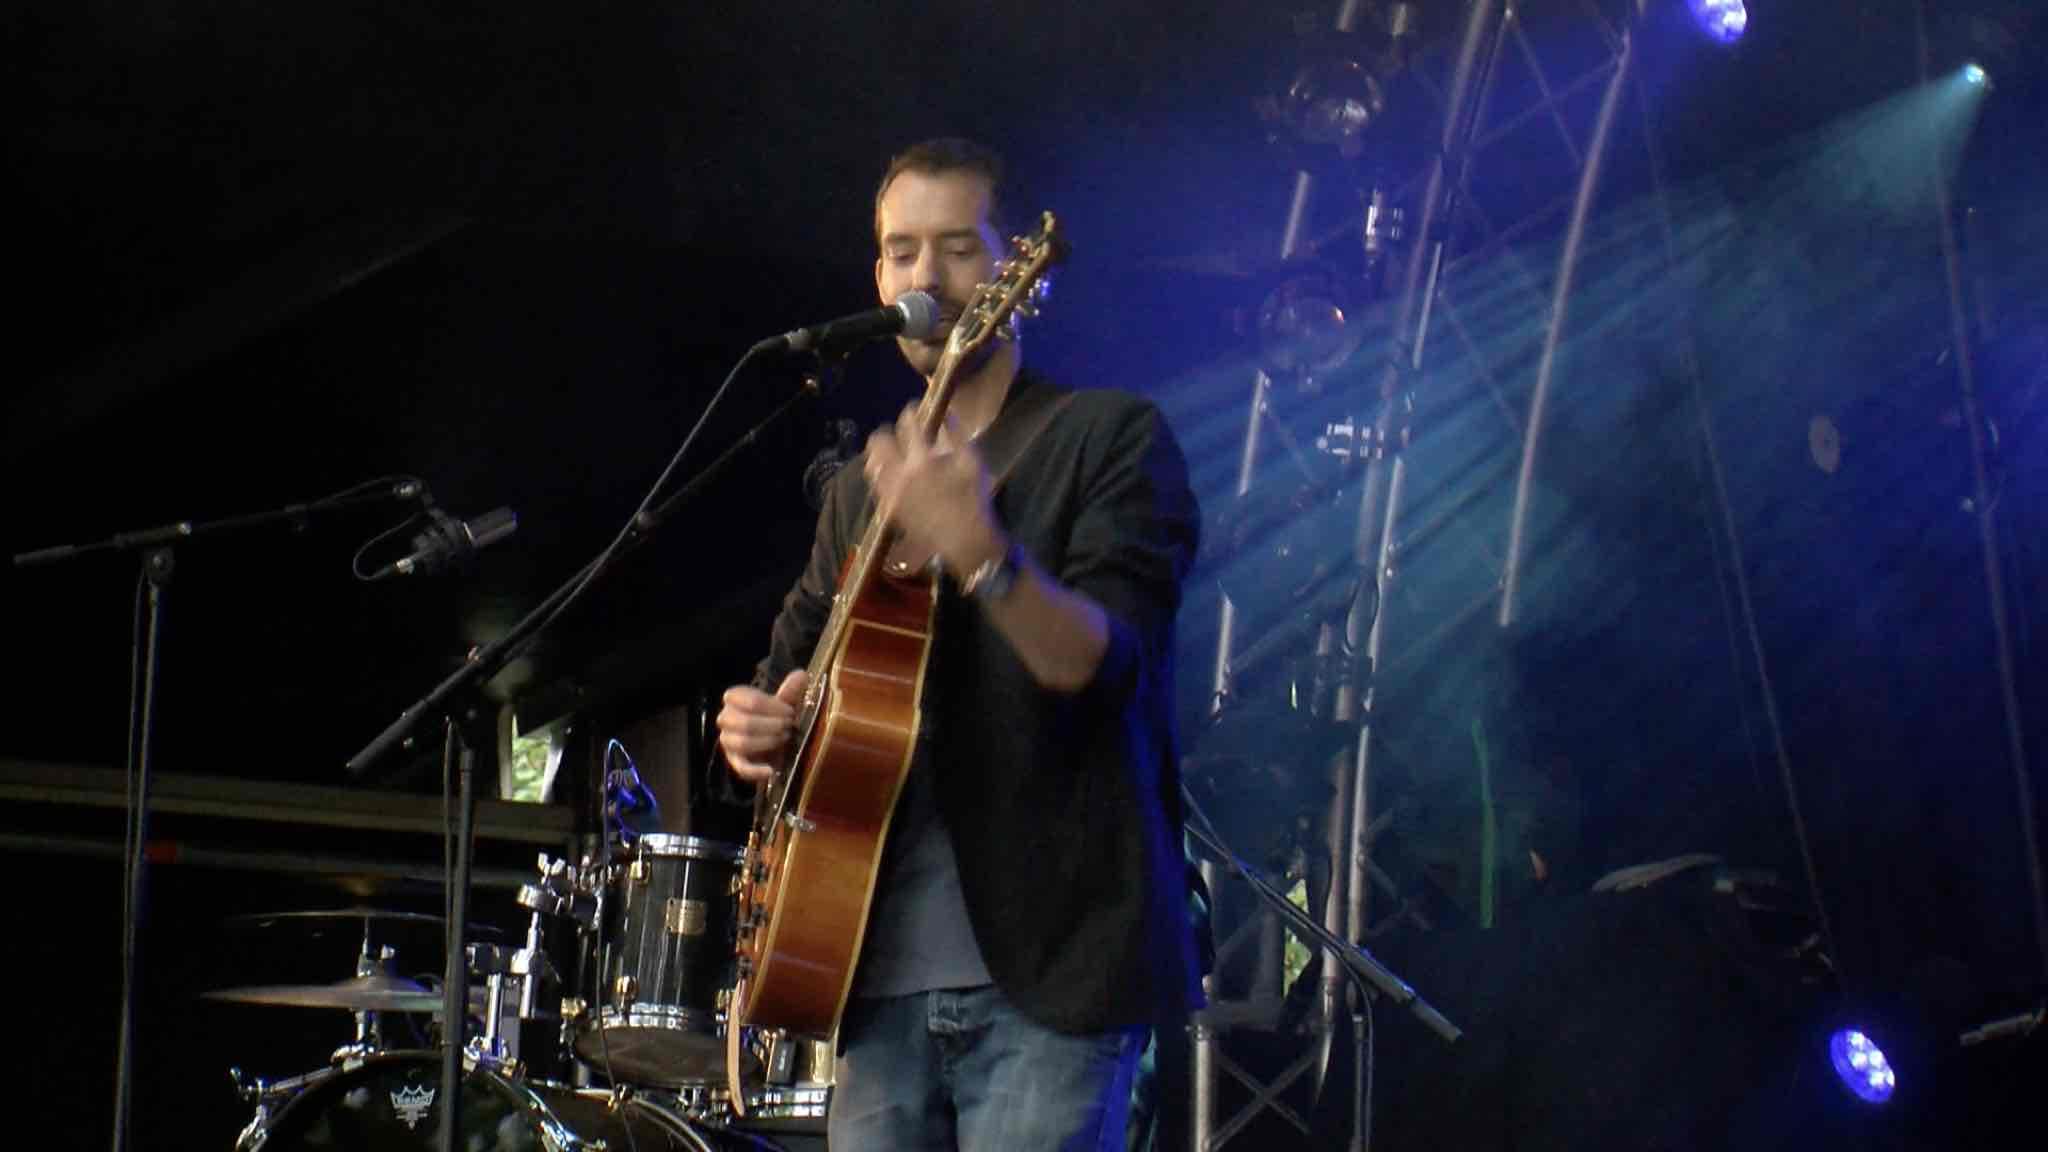 Le chanteur Enghiennois Antoine Armedan s'invite aux Francofolies ...